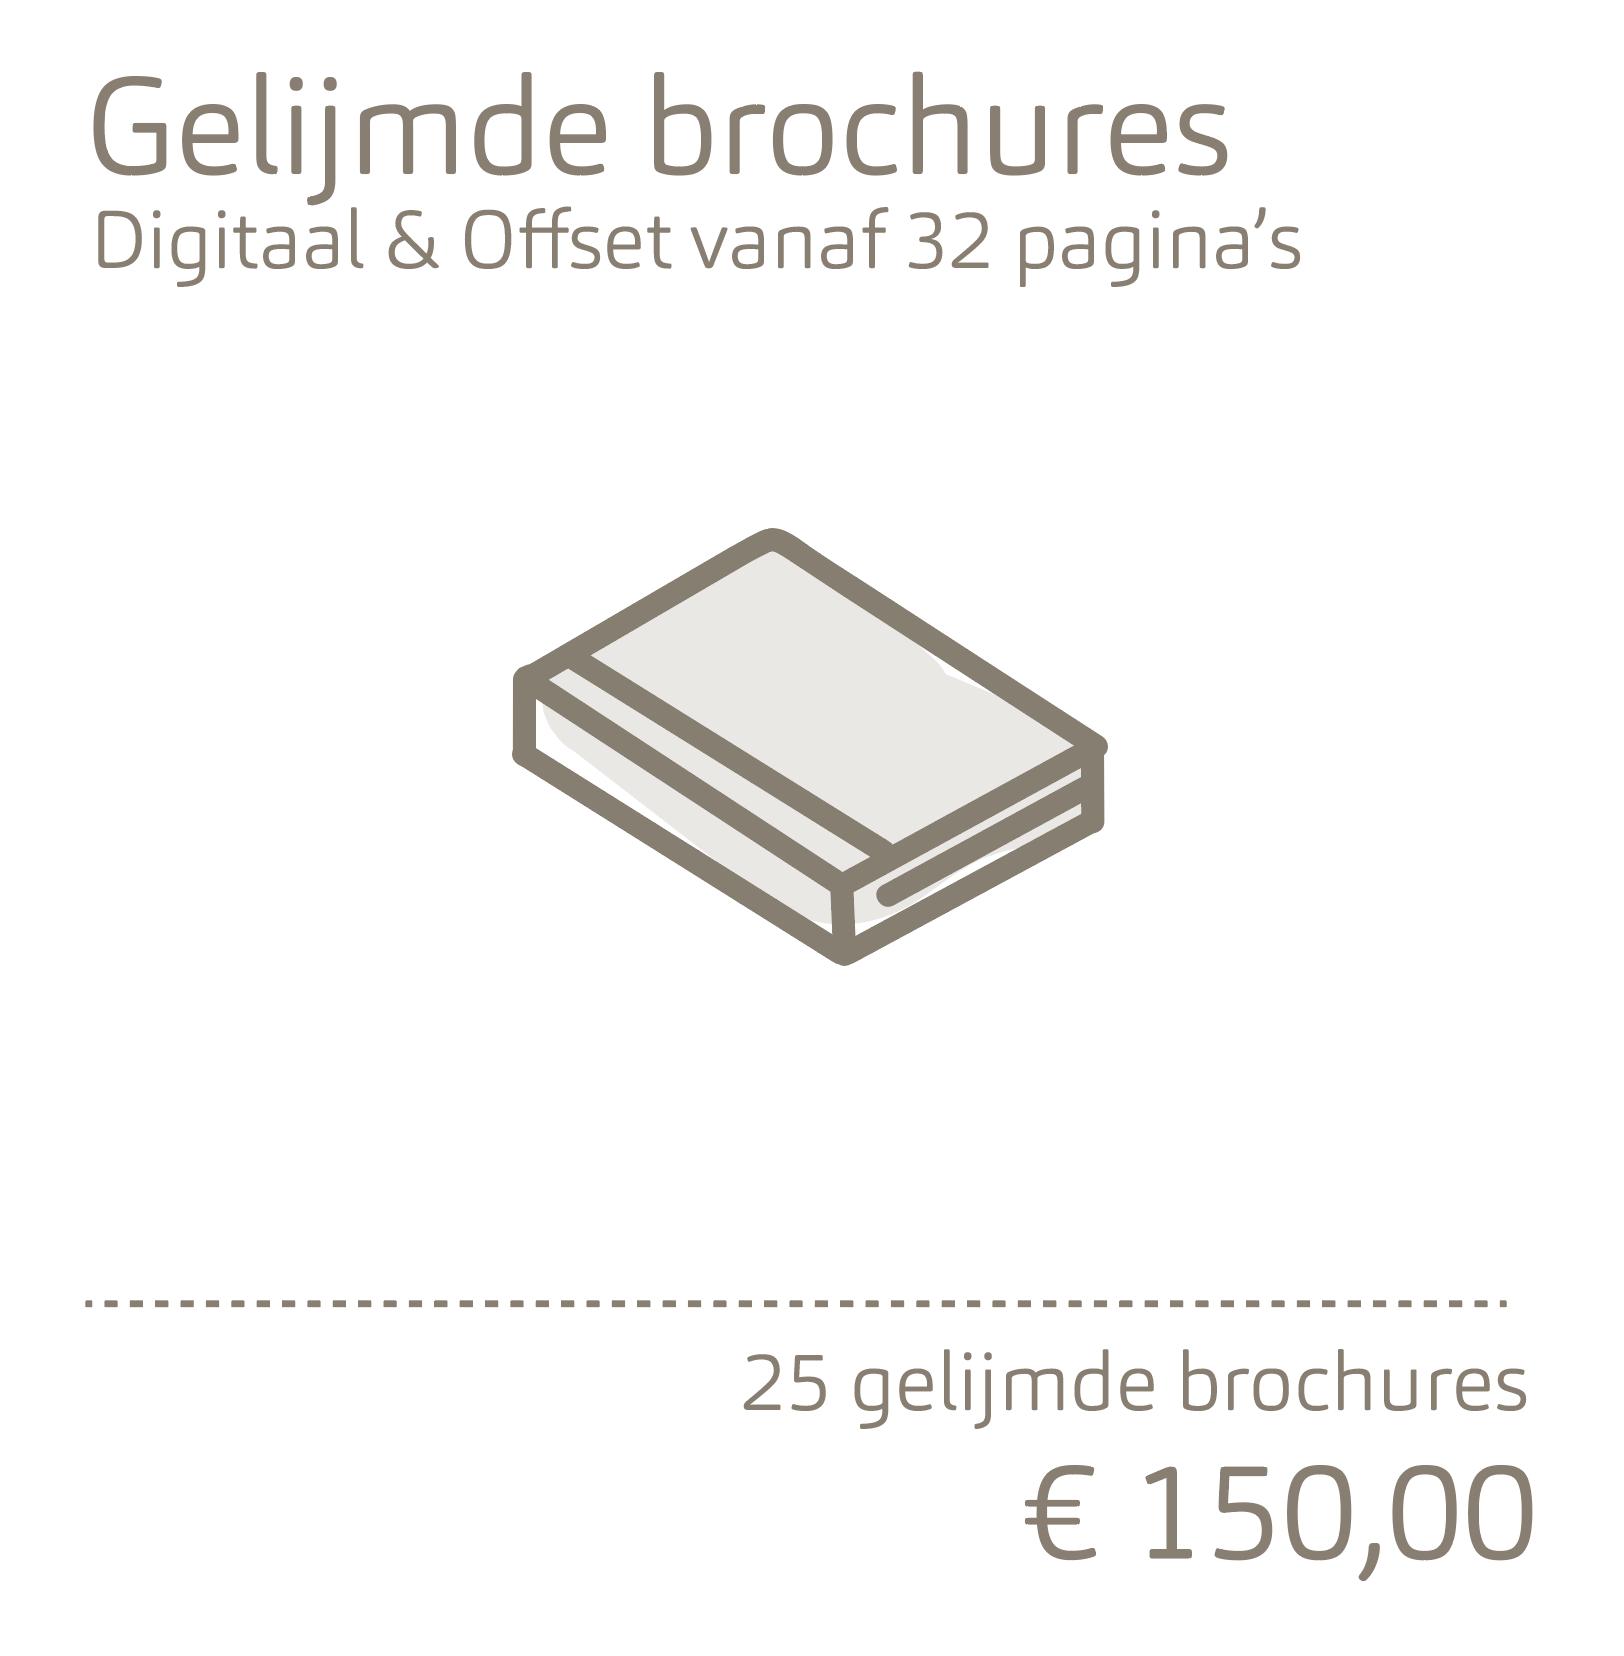 Gelijmde brochures